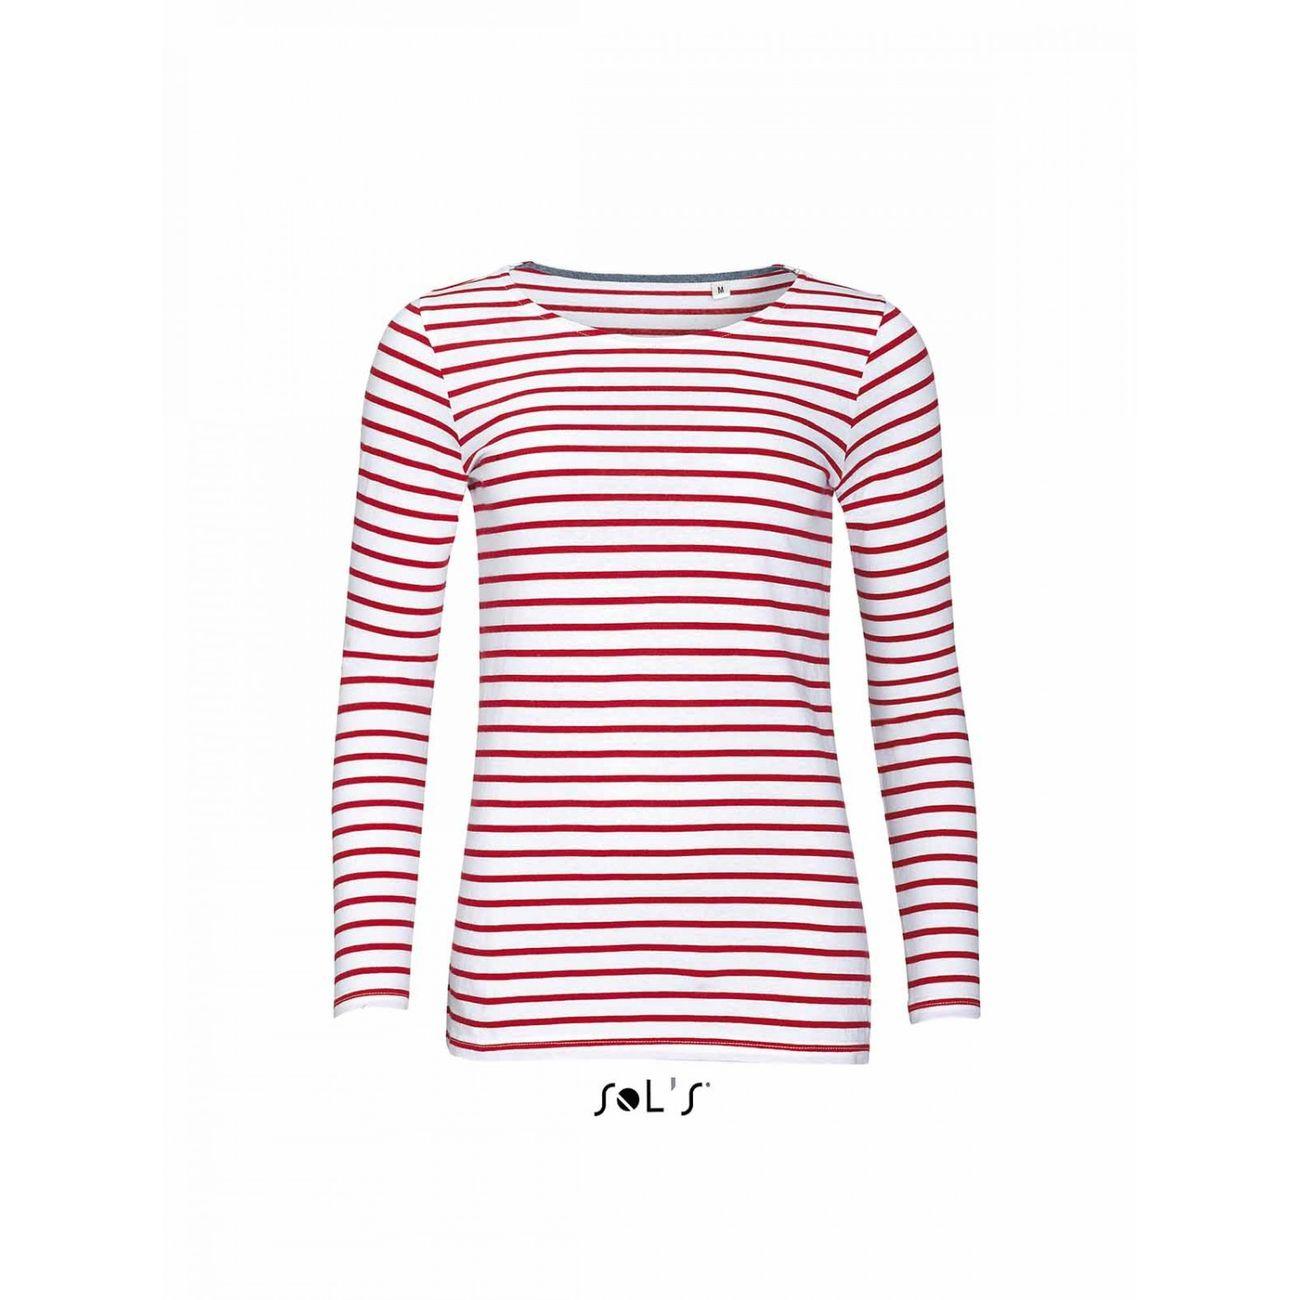 Mode- Lifestyle femme SOL S t-shirt rayé marinière femme - manches longues - 01403 - rouge